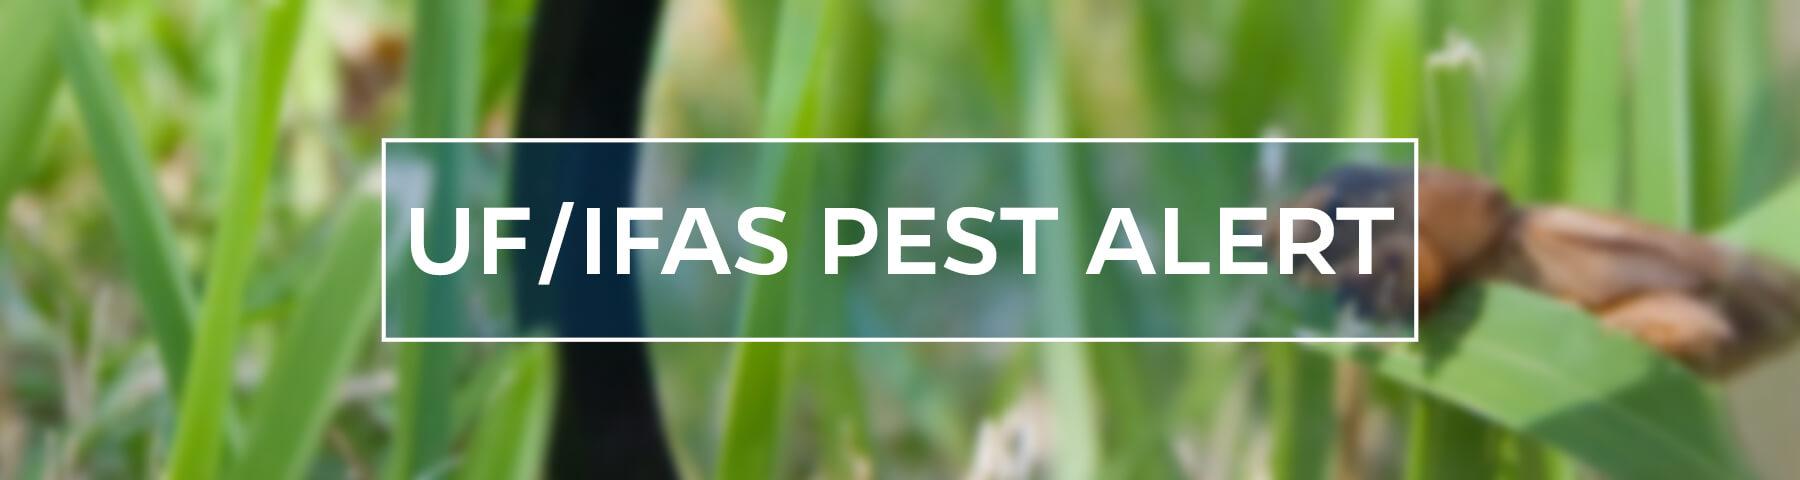 UF/IFAS Pest Alert